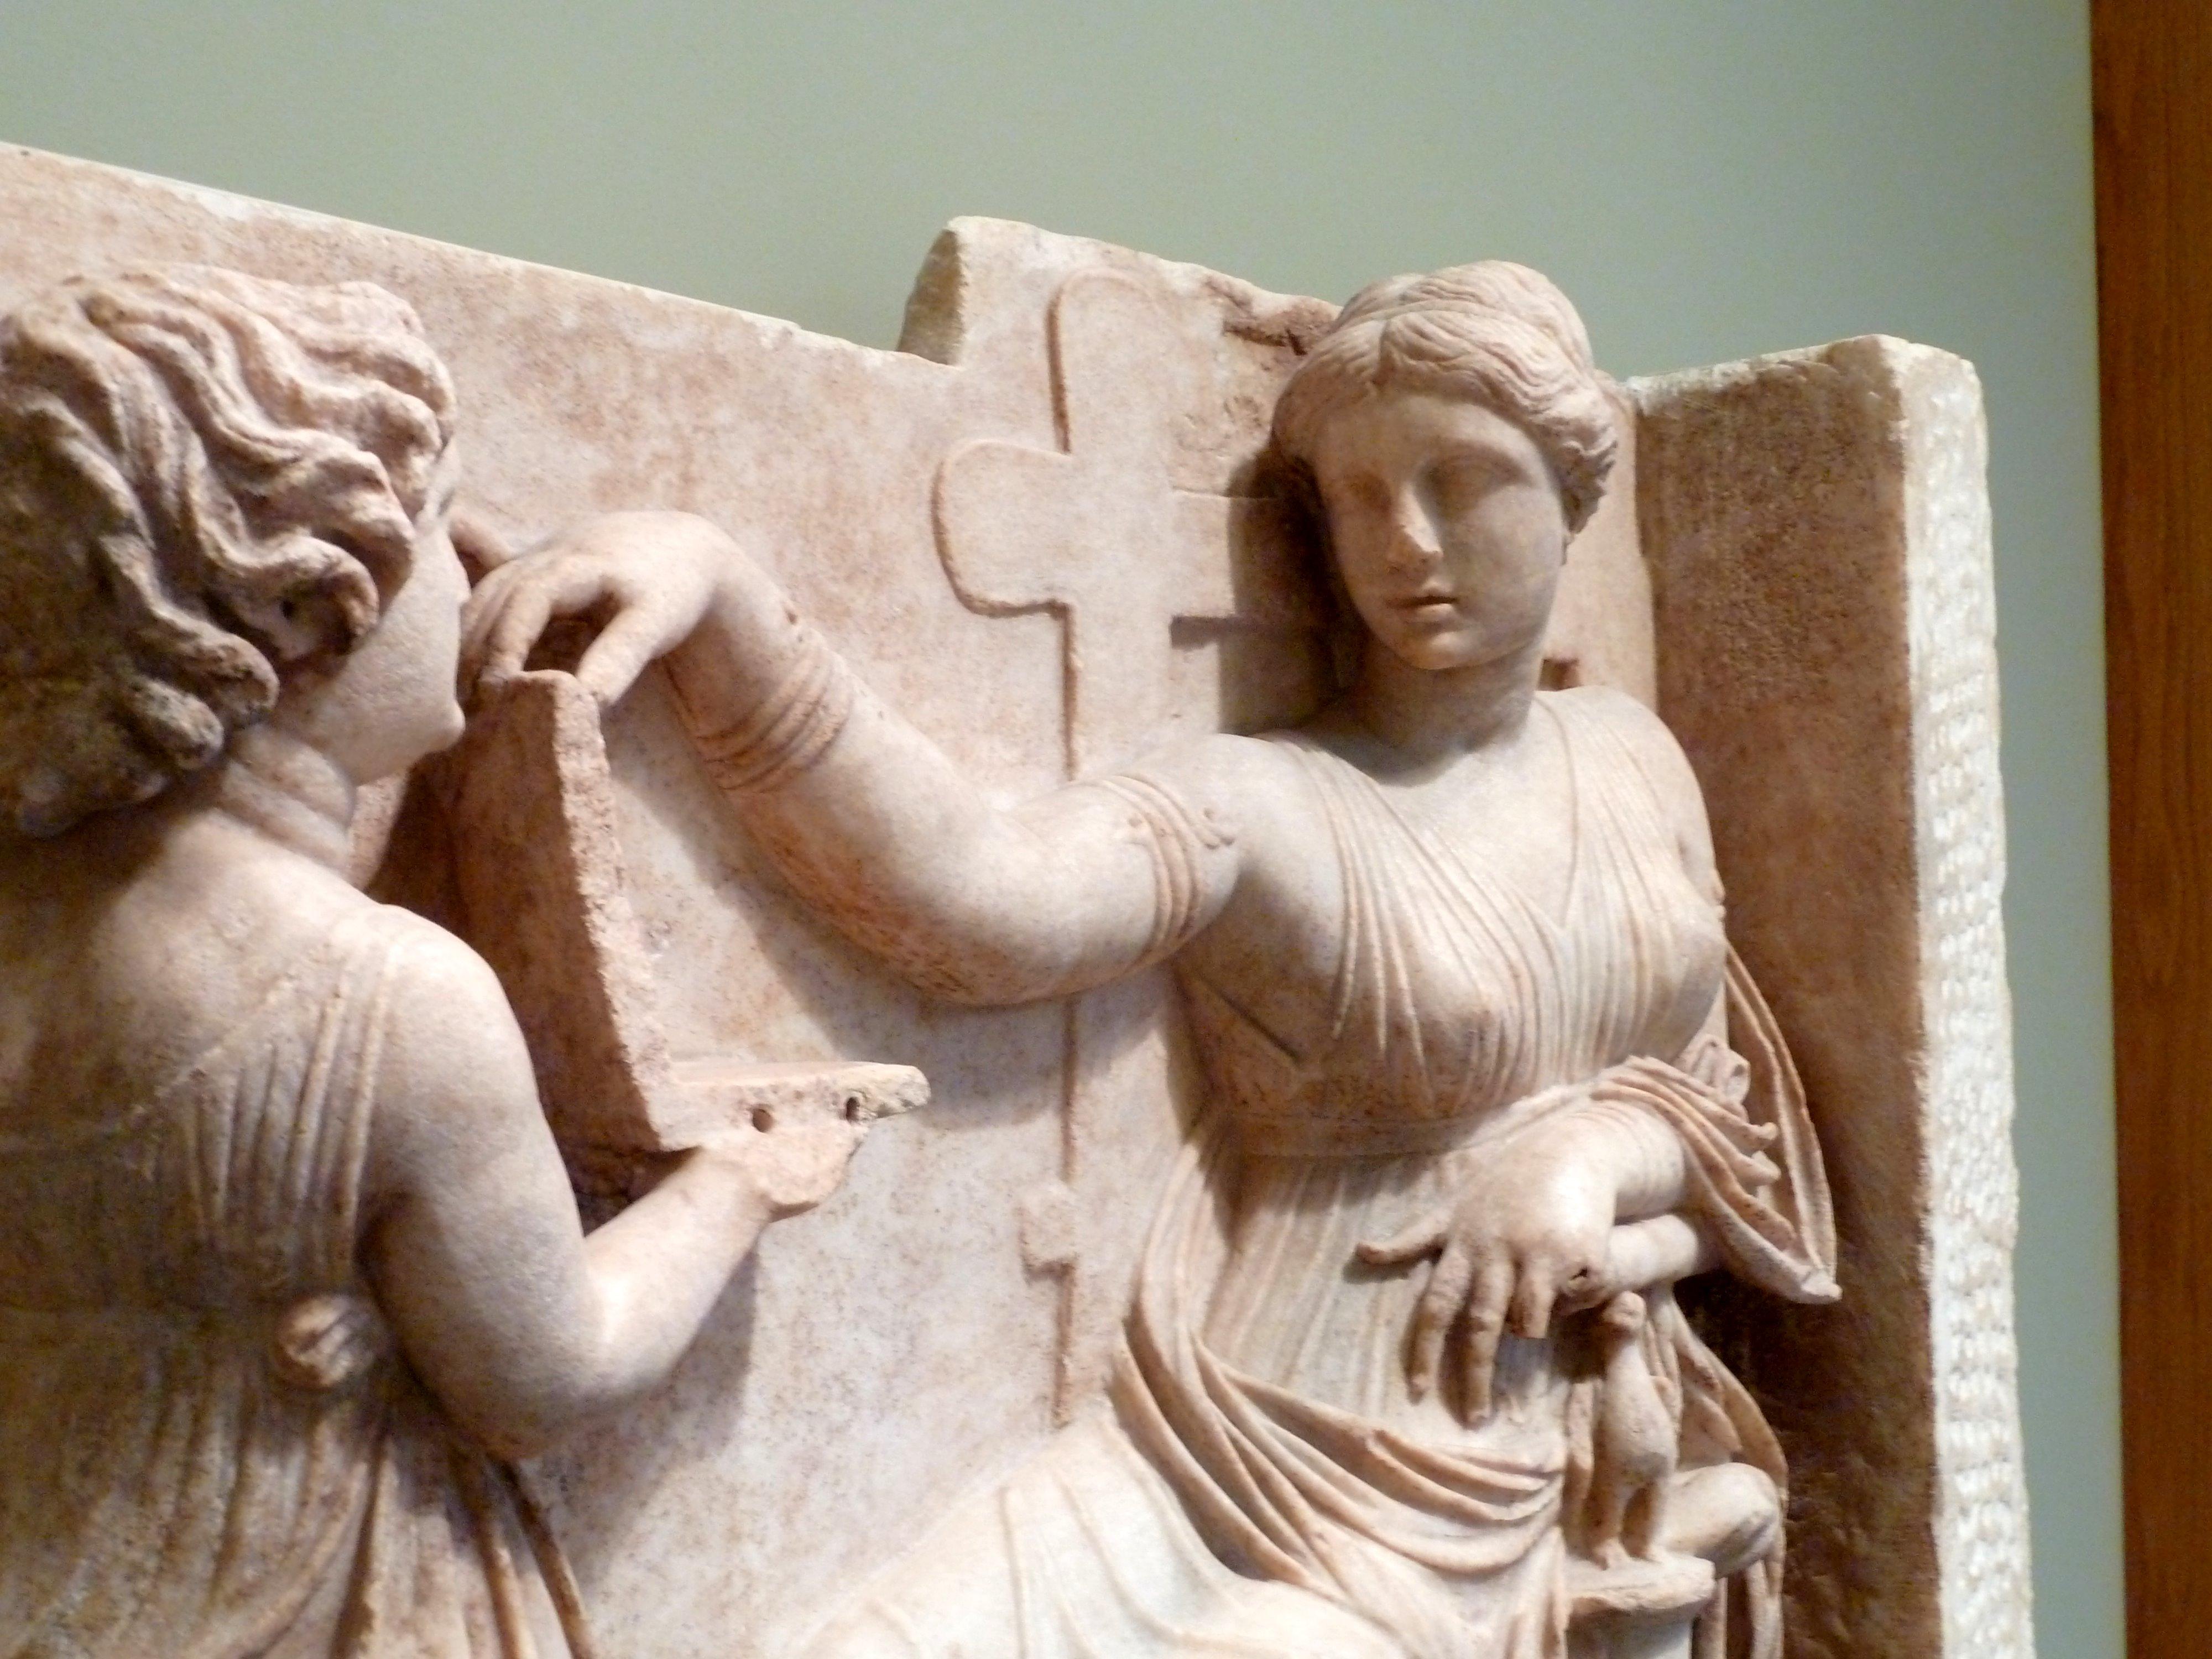 Patung Grave Naiskos of an Enthroned Woman with an Attendant, memegang Laptop - 4 Misteri Teknologi Masa Lalu, Tanda Kejeniusan Atau Ekstra Terestrial?